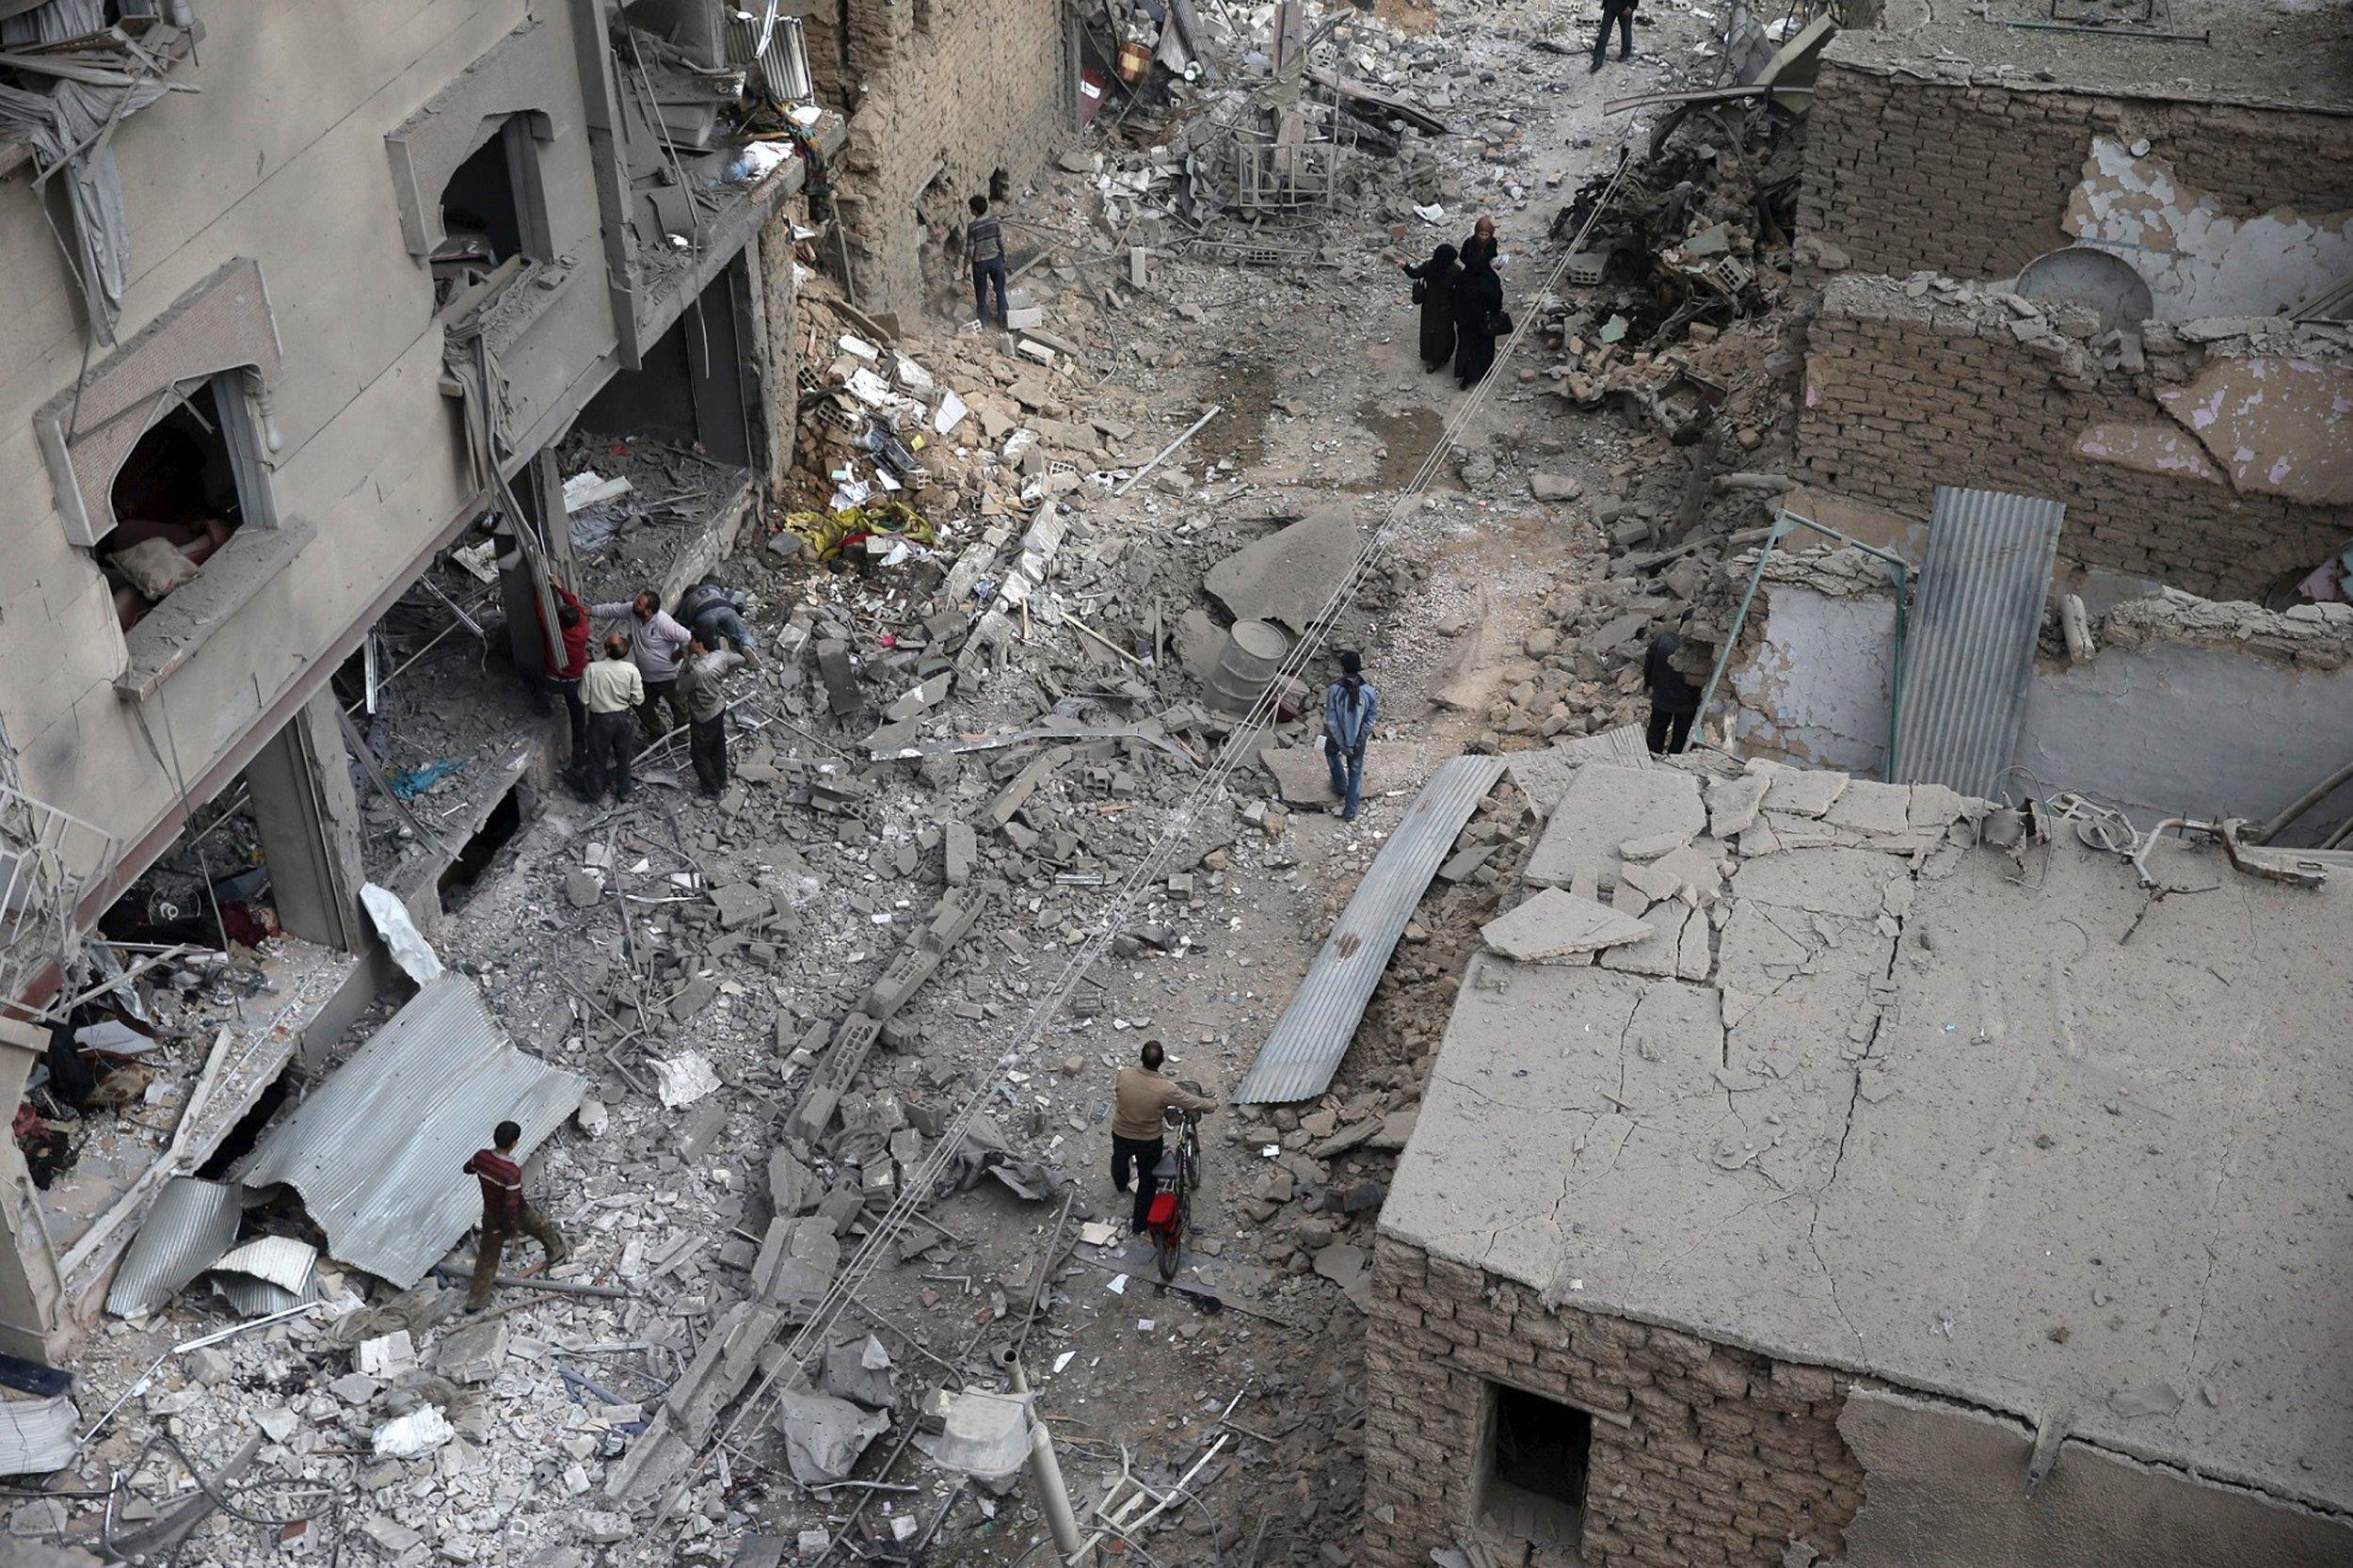 1102_Bombing Syria